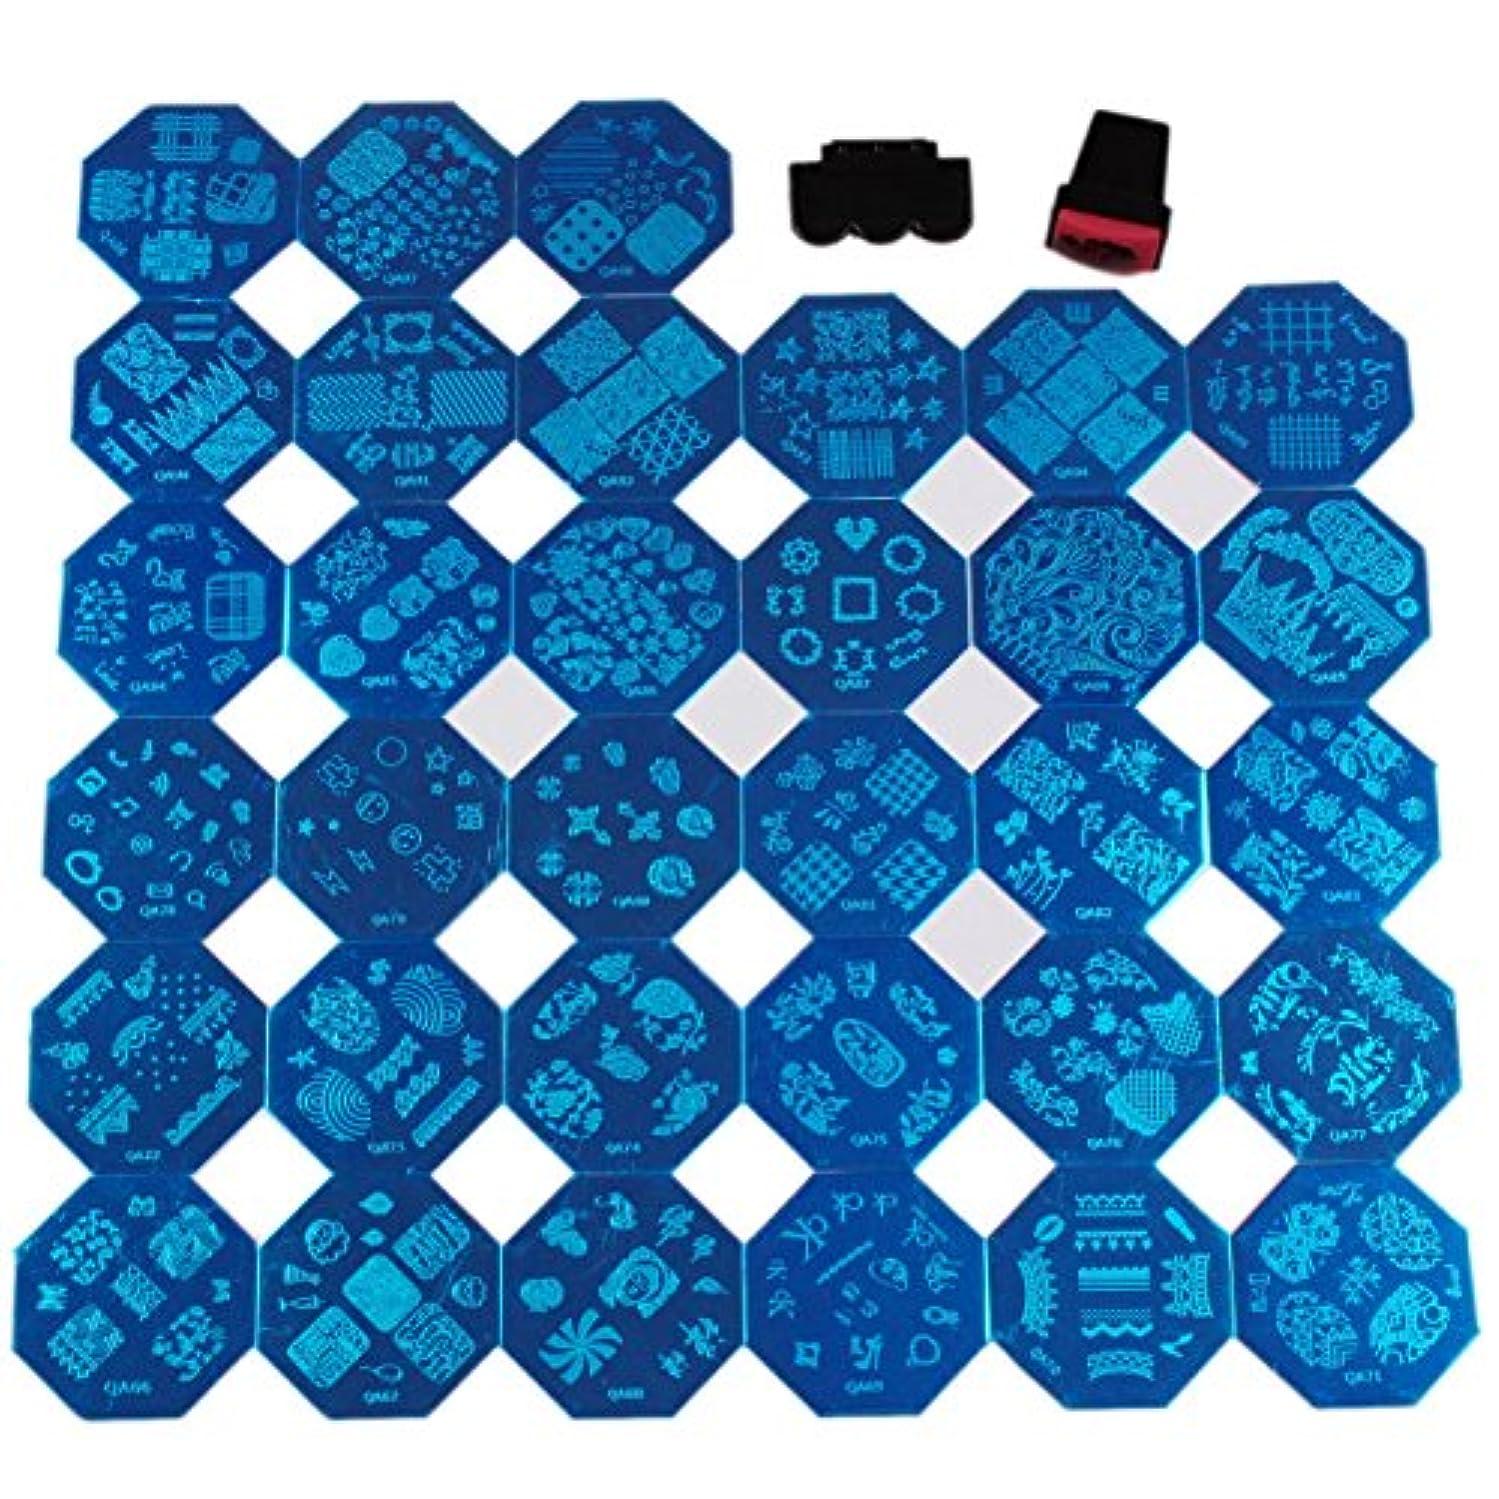 プレゼンテーションかかわらずチチカカ湖FingerAngel ネイルイメージプレートセット 八角形ネイルプレート 33枚 スタンプ スクレーパー付き ネイルサロンも自宅も適用なネイルプレート 初心者に簡単に仕上がるネイルアート